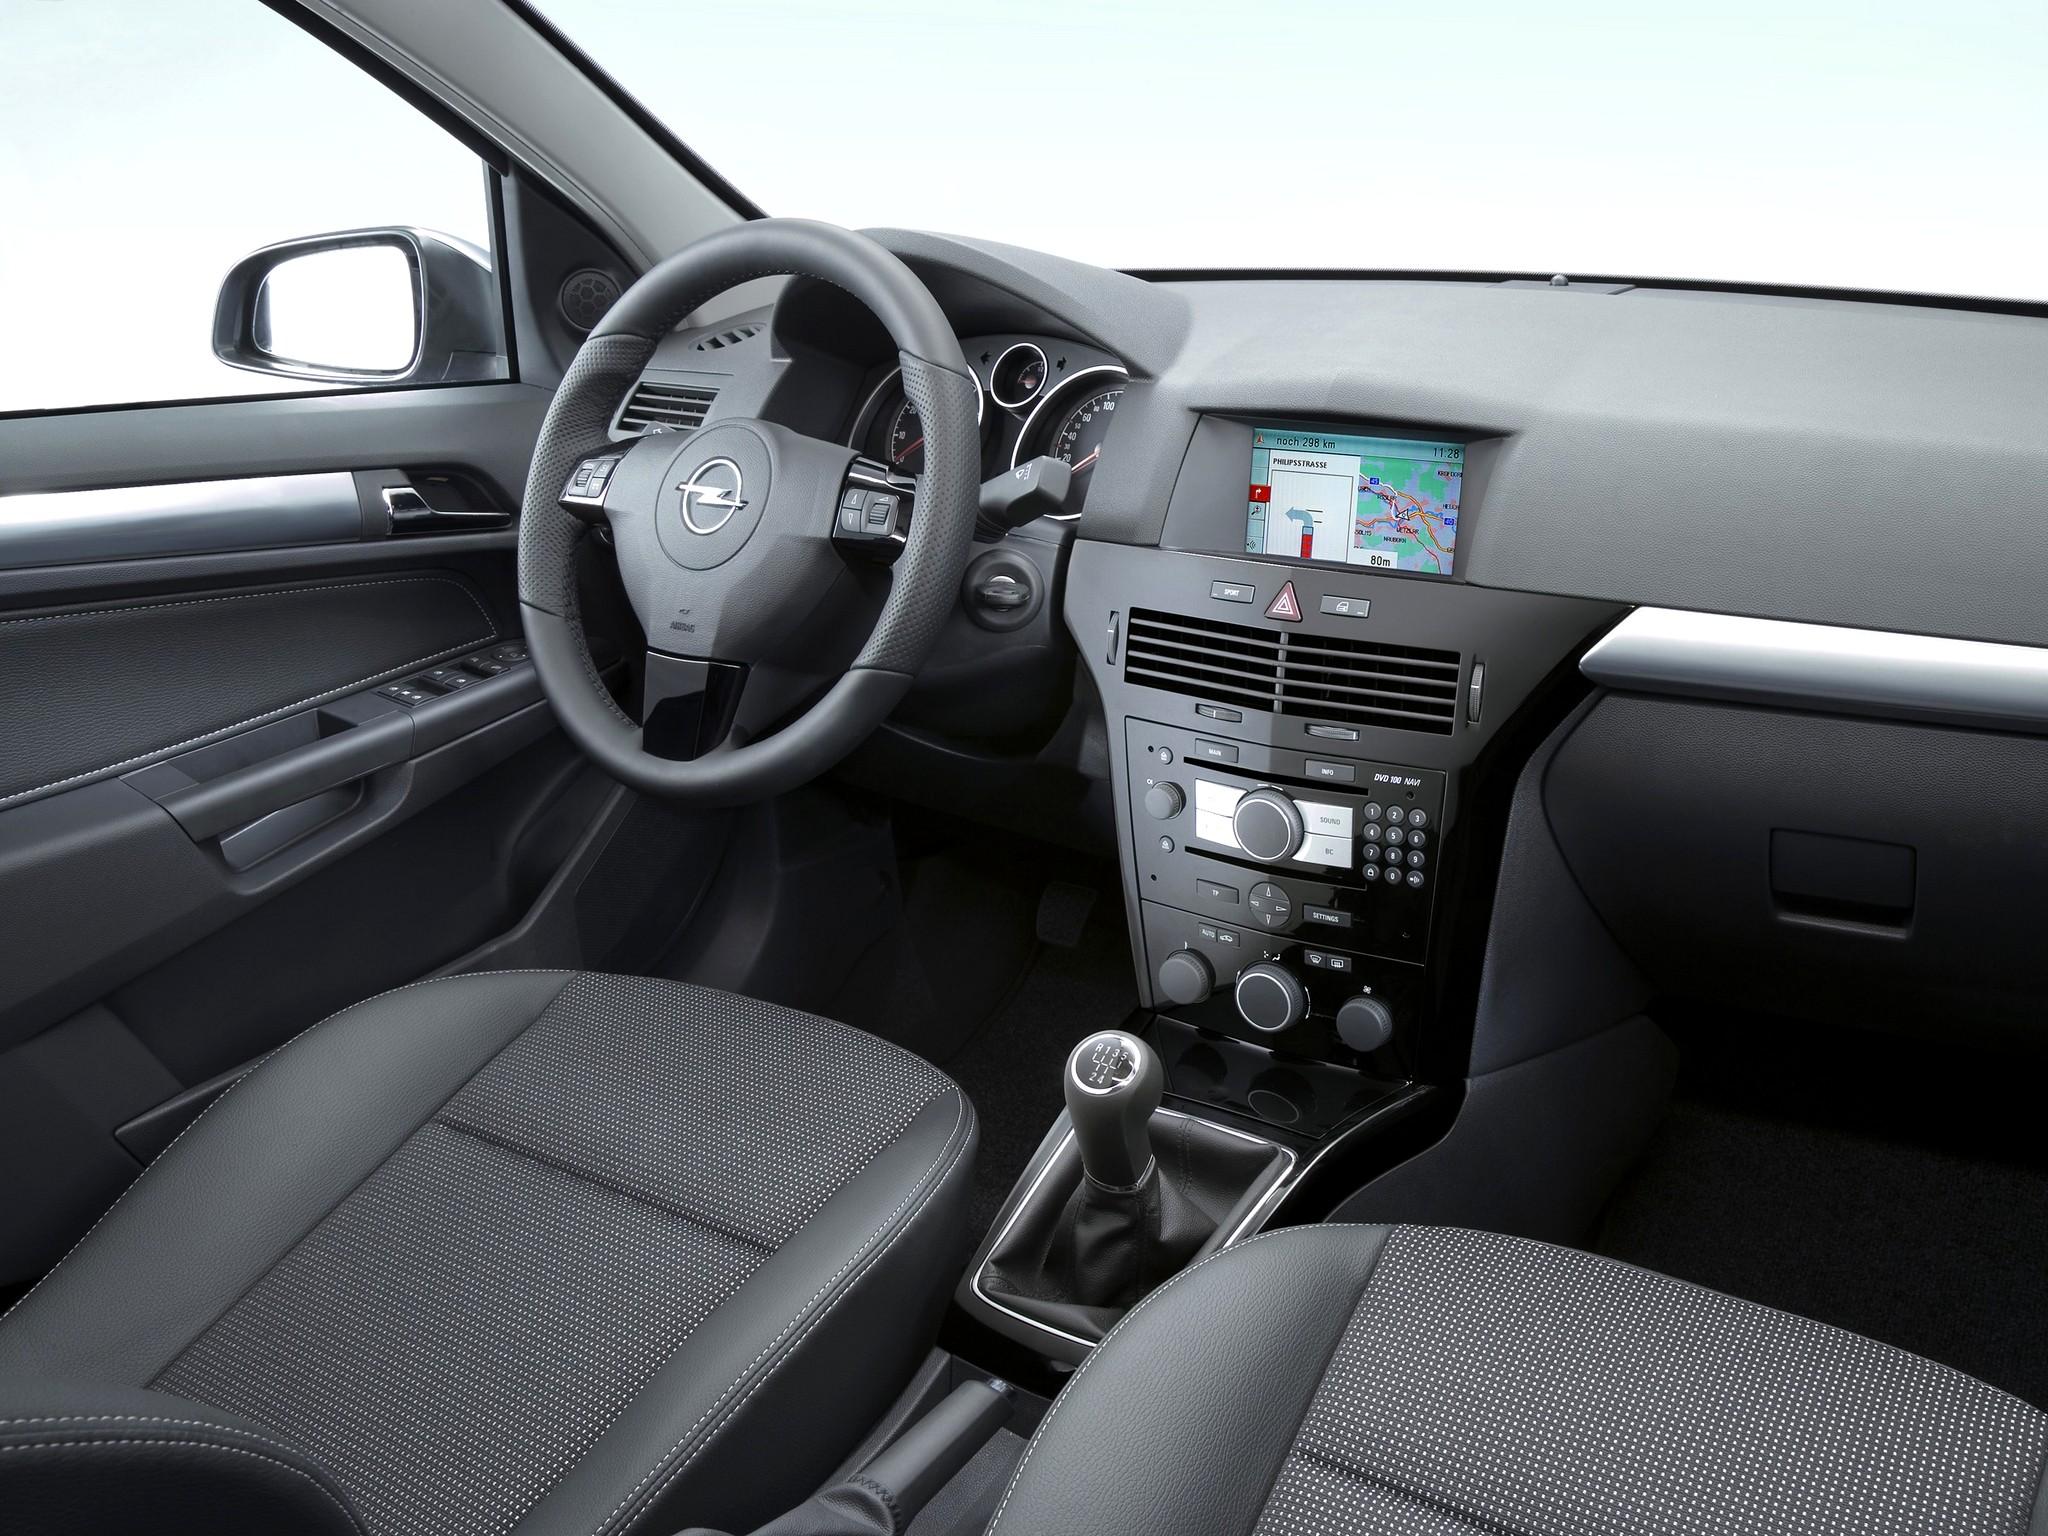 opel astra 5 doors specs 2004 2005 2006 2007 autoevolution rh autoevolution com Opel Astra 2008 opel astra h gtc 2005 manual